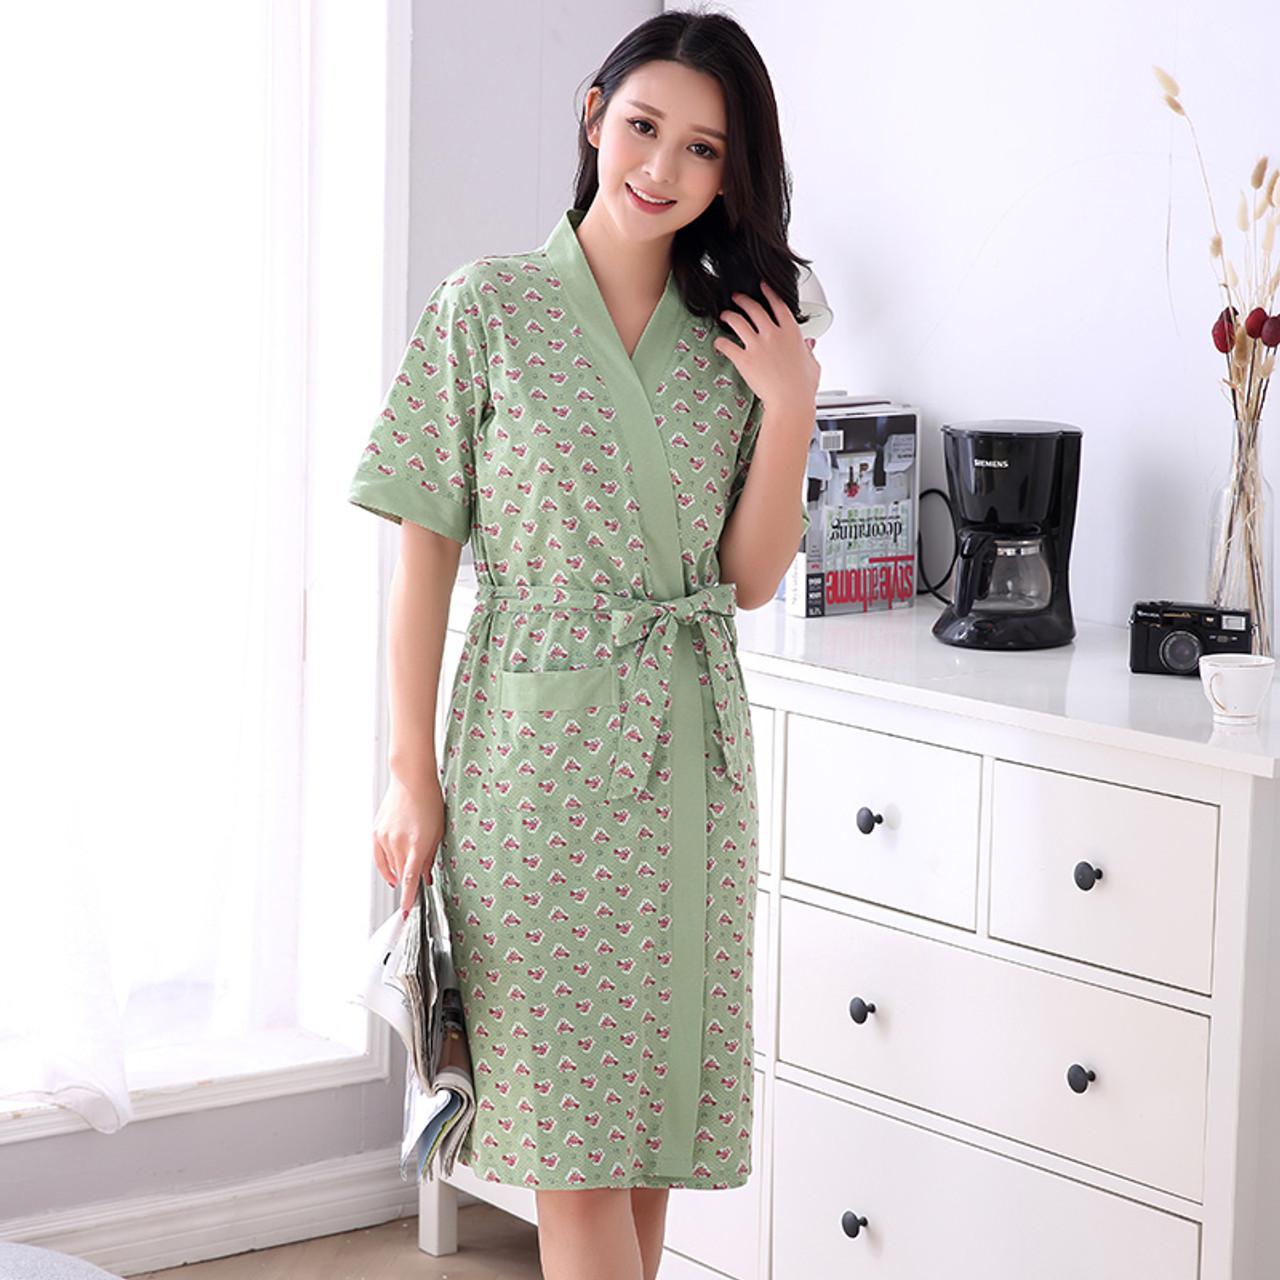 Newest Summer 100% Cotton Nightgown Sexy Bath Robe Women s Sleepwear Small  Floral Sleepshirts Female Home Bathrobe L 77003db5c9